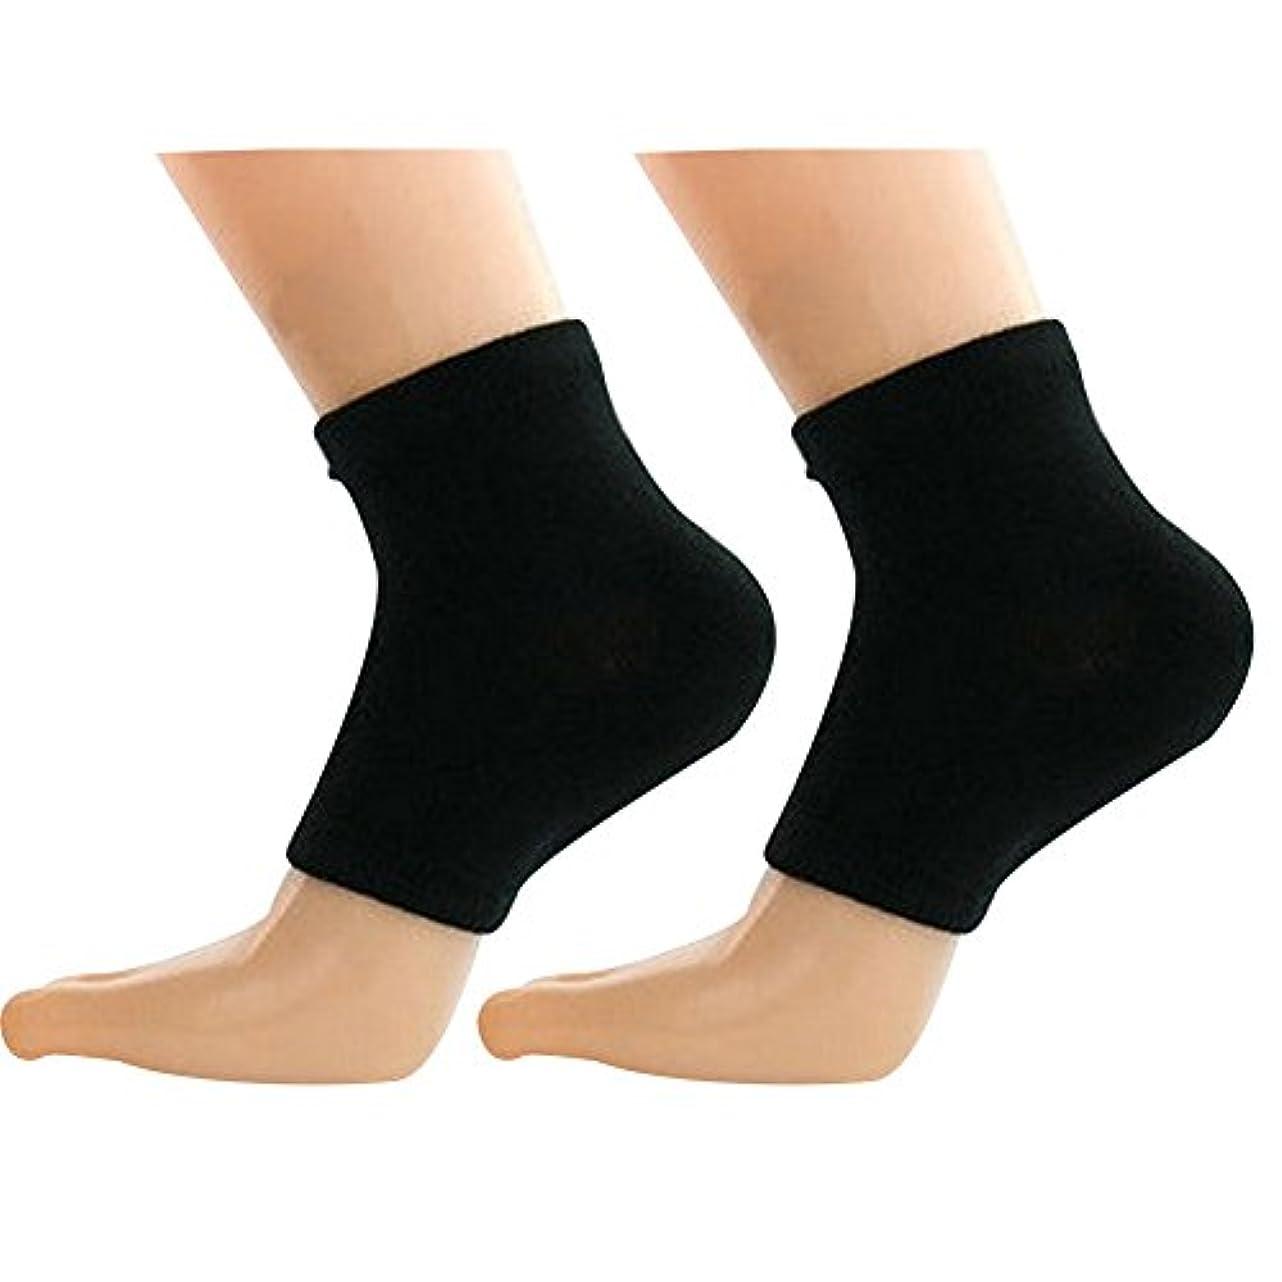 楽な言及する不十分なQIAONAI レディース用 メンズ用 踵用カバー かかと 靴下 かかと ケア つるつる すべすべ 靴下 ソックス 角質ケア 保湿 角質除去 足ケア かかと 靴下 足首用サポーター  フリーサイズ (ブラック)